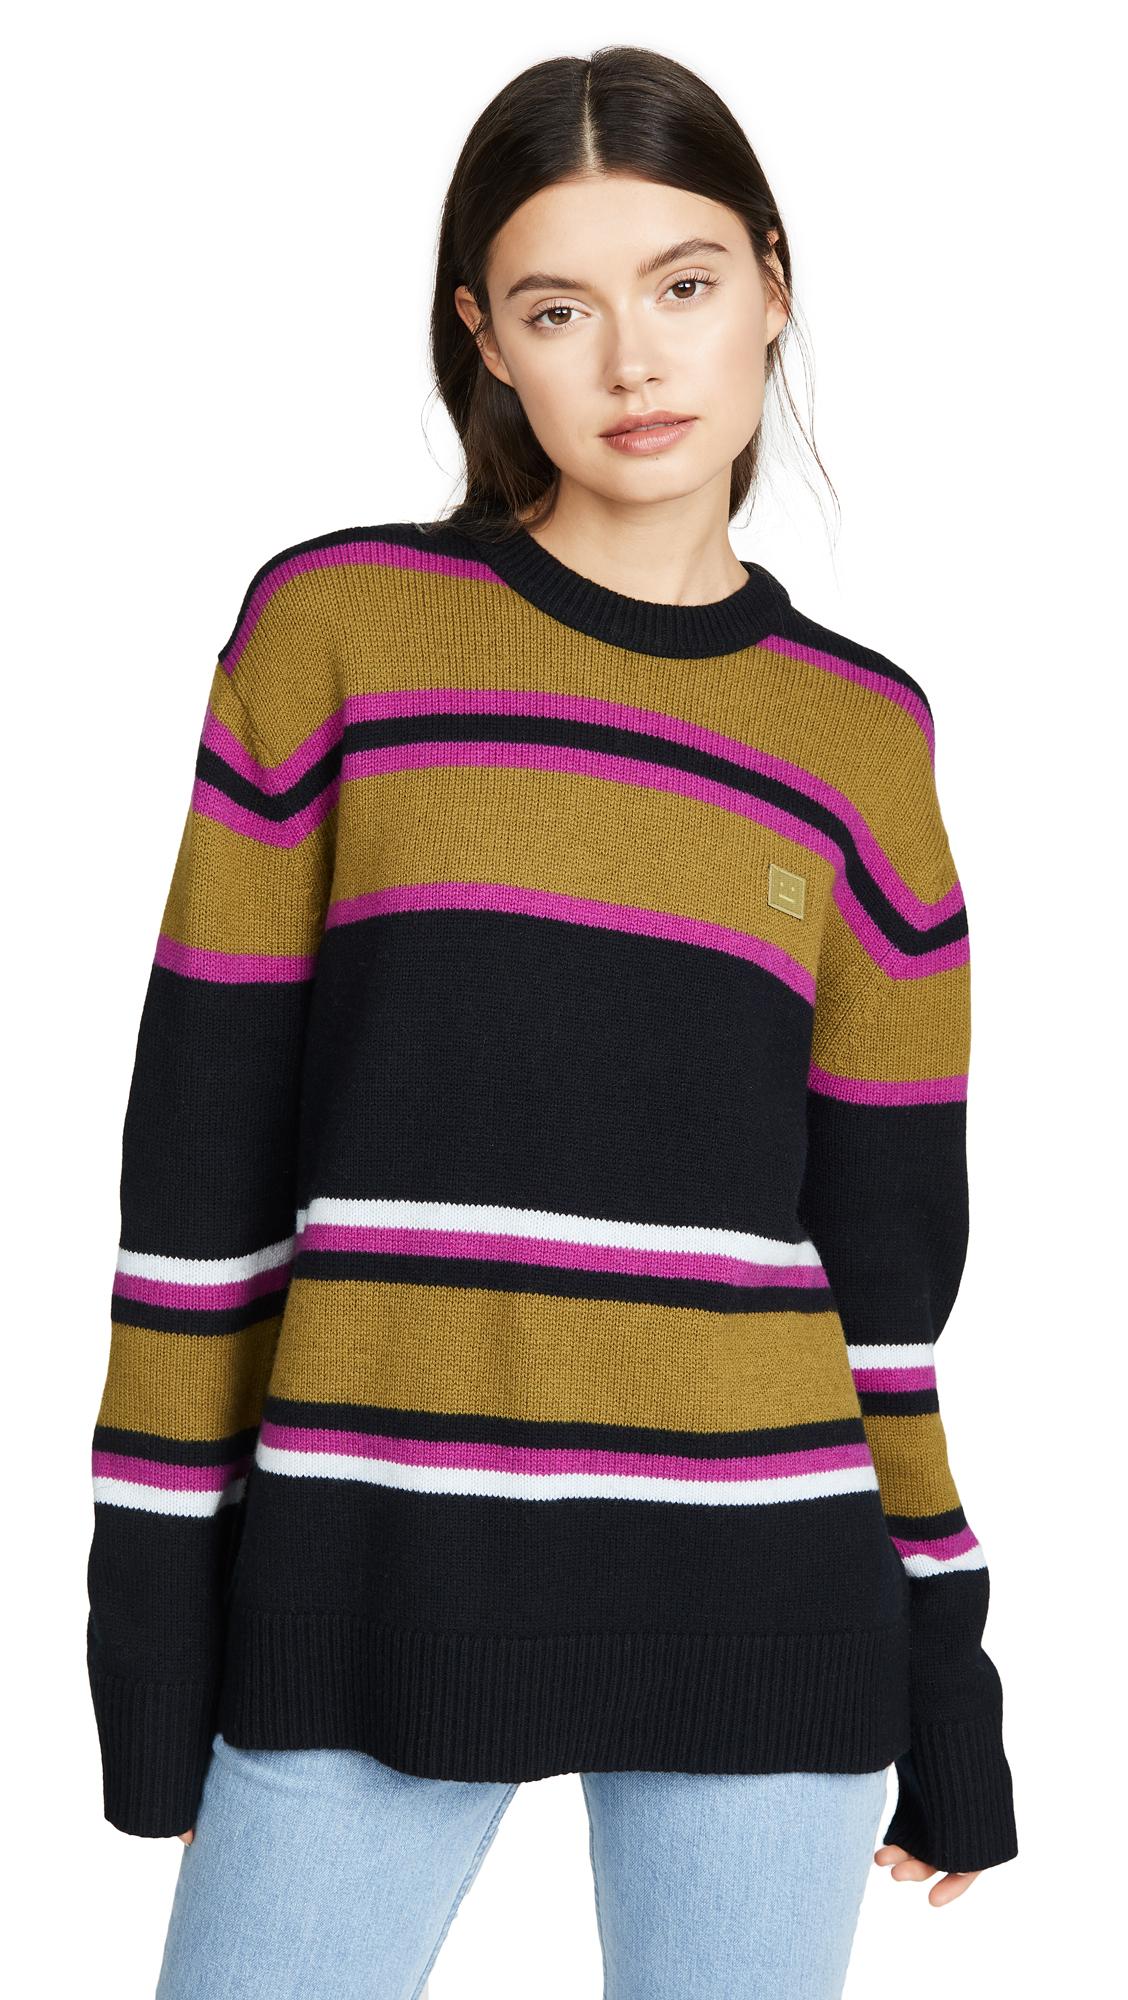 Acne Studios Nimah Multicolor Stripe Face Sweater - Black Multicolor